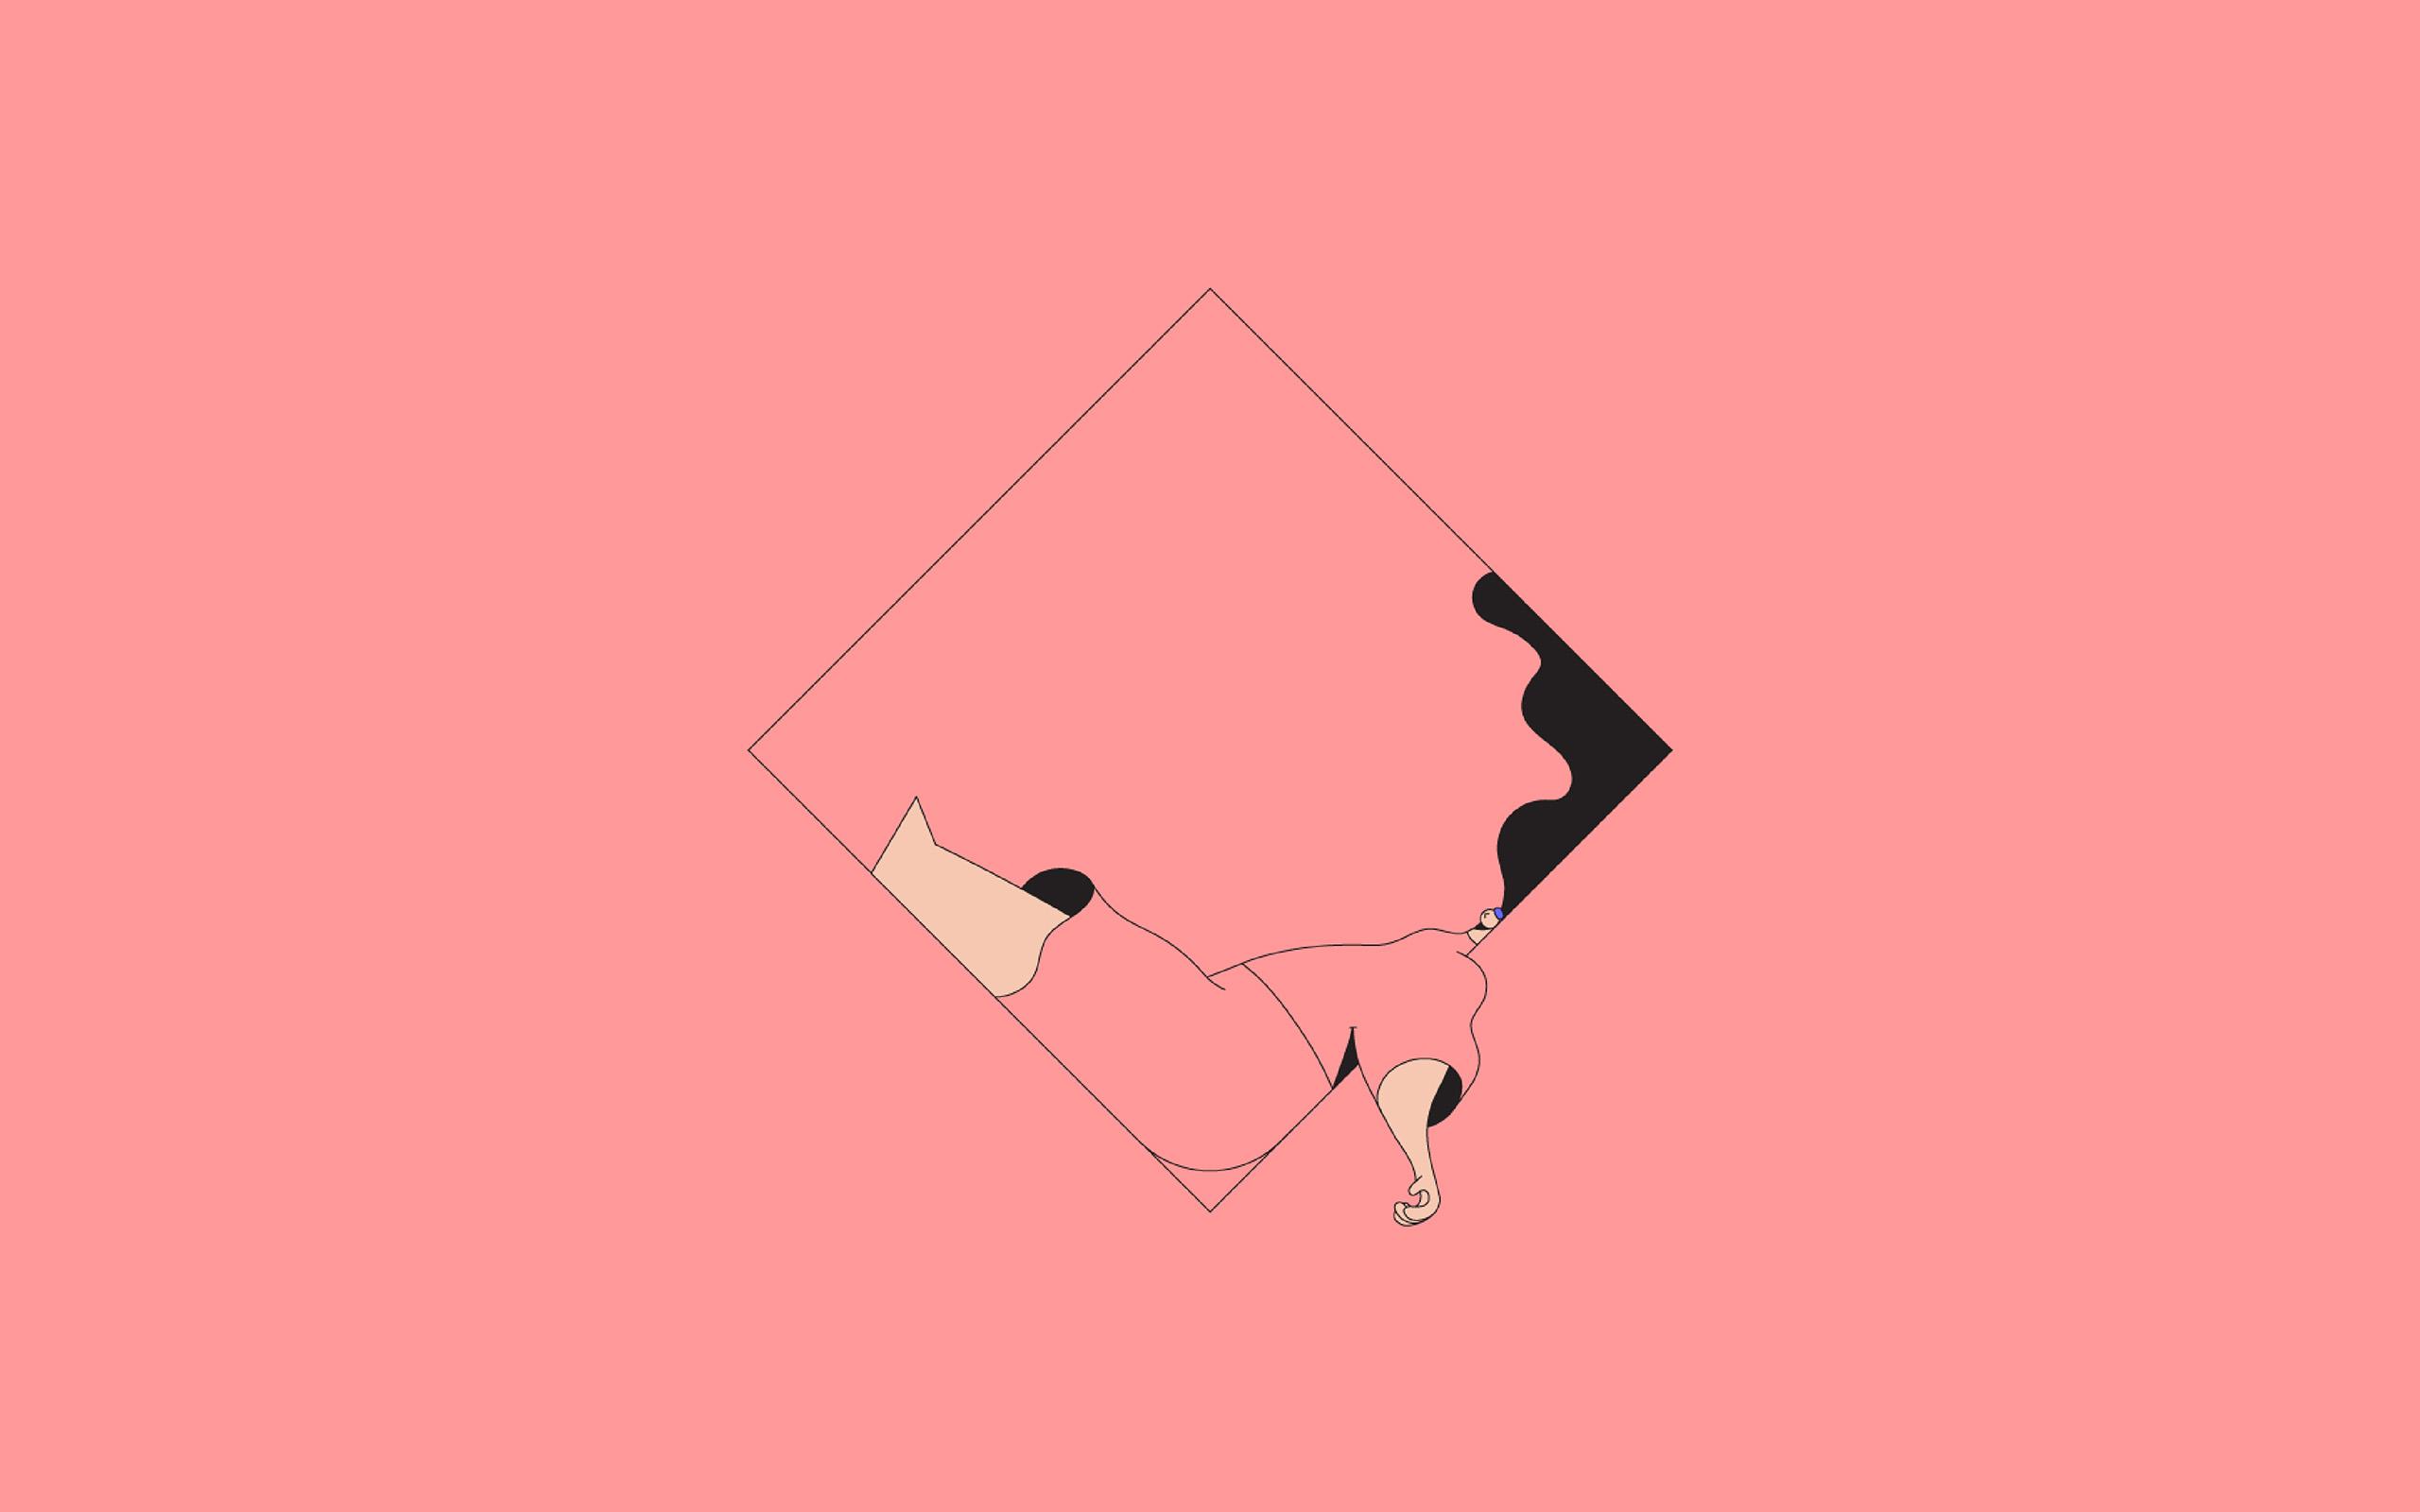 Bb08 minimal drawing pink illustration art wallpaper for Minimal art vector